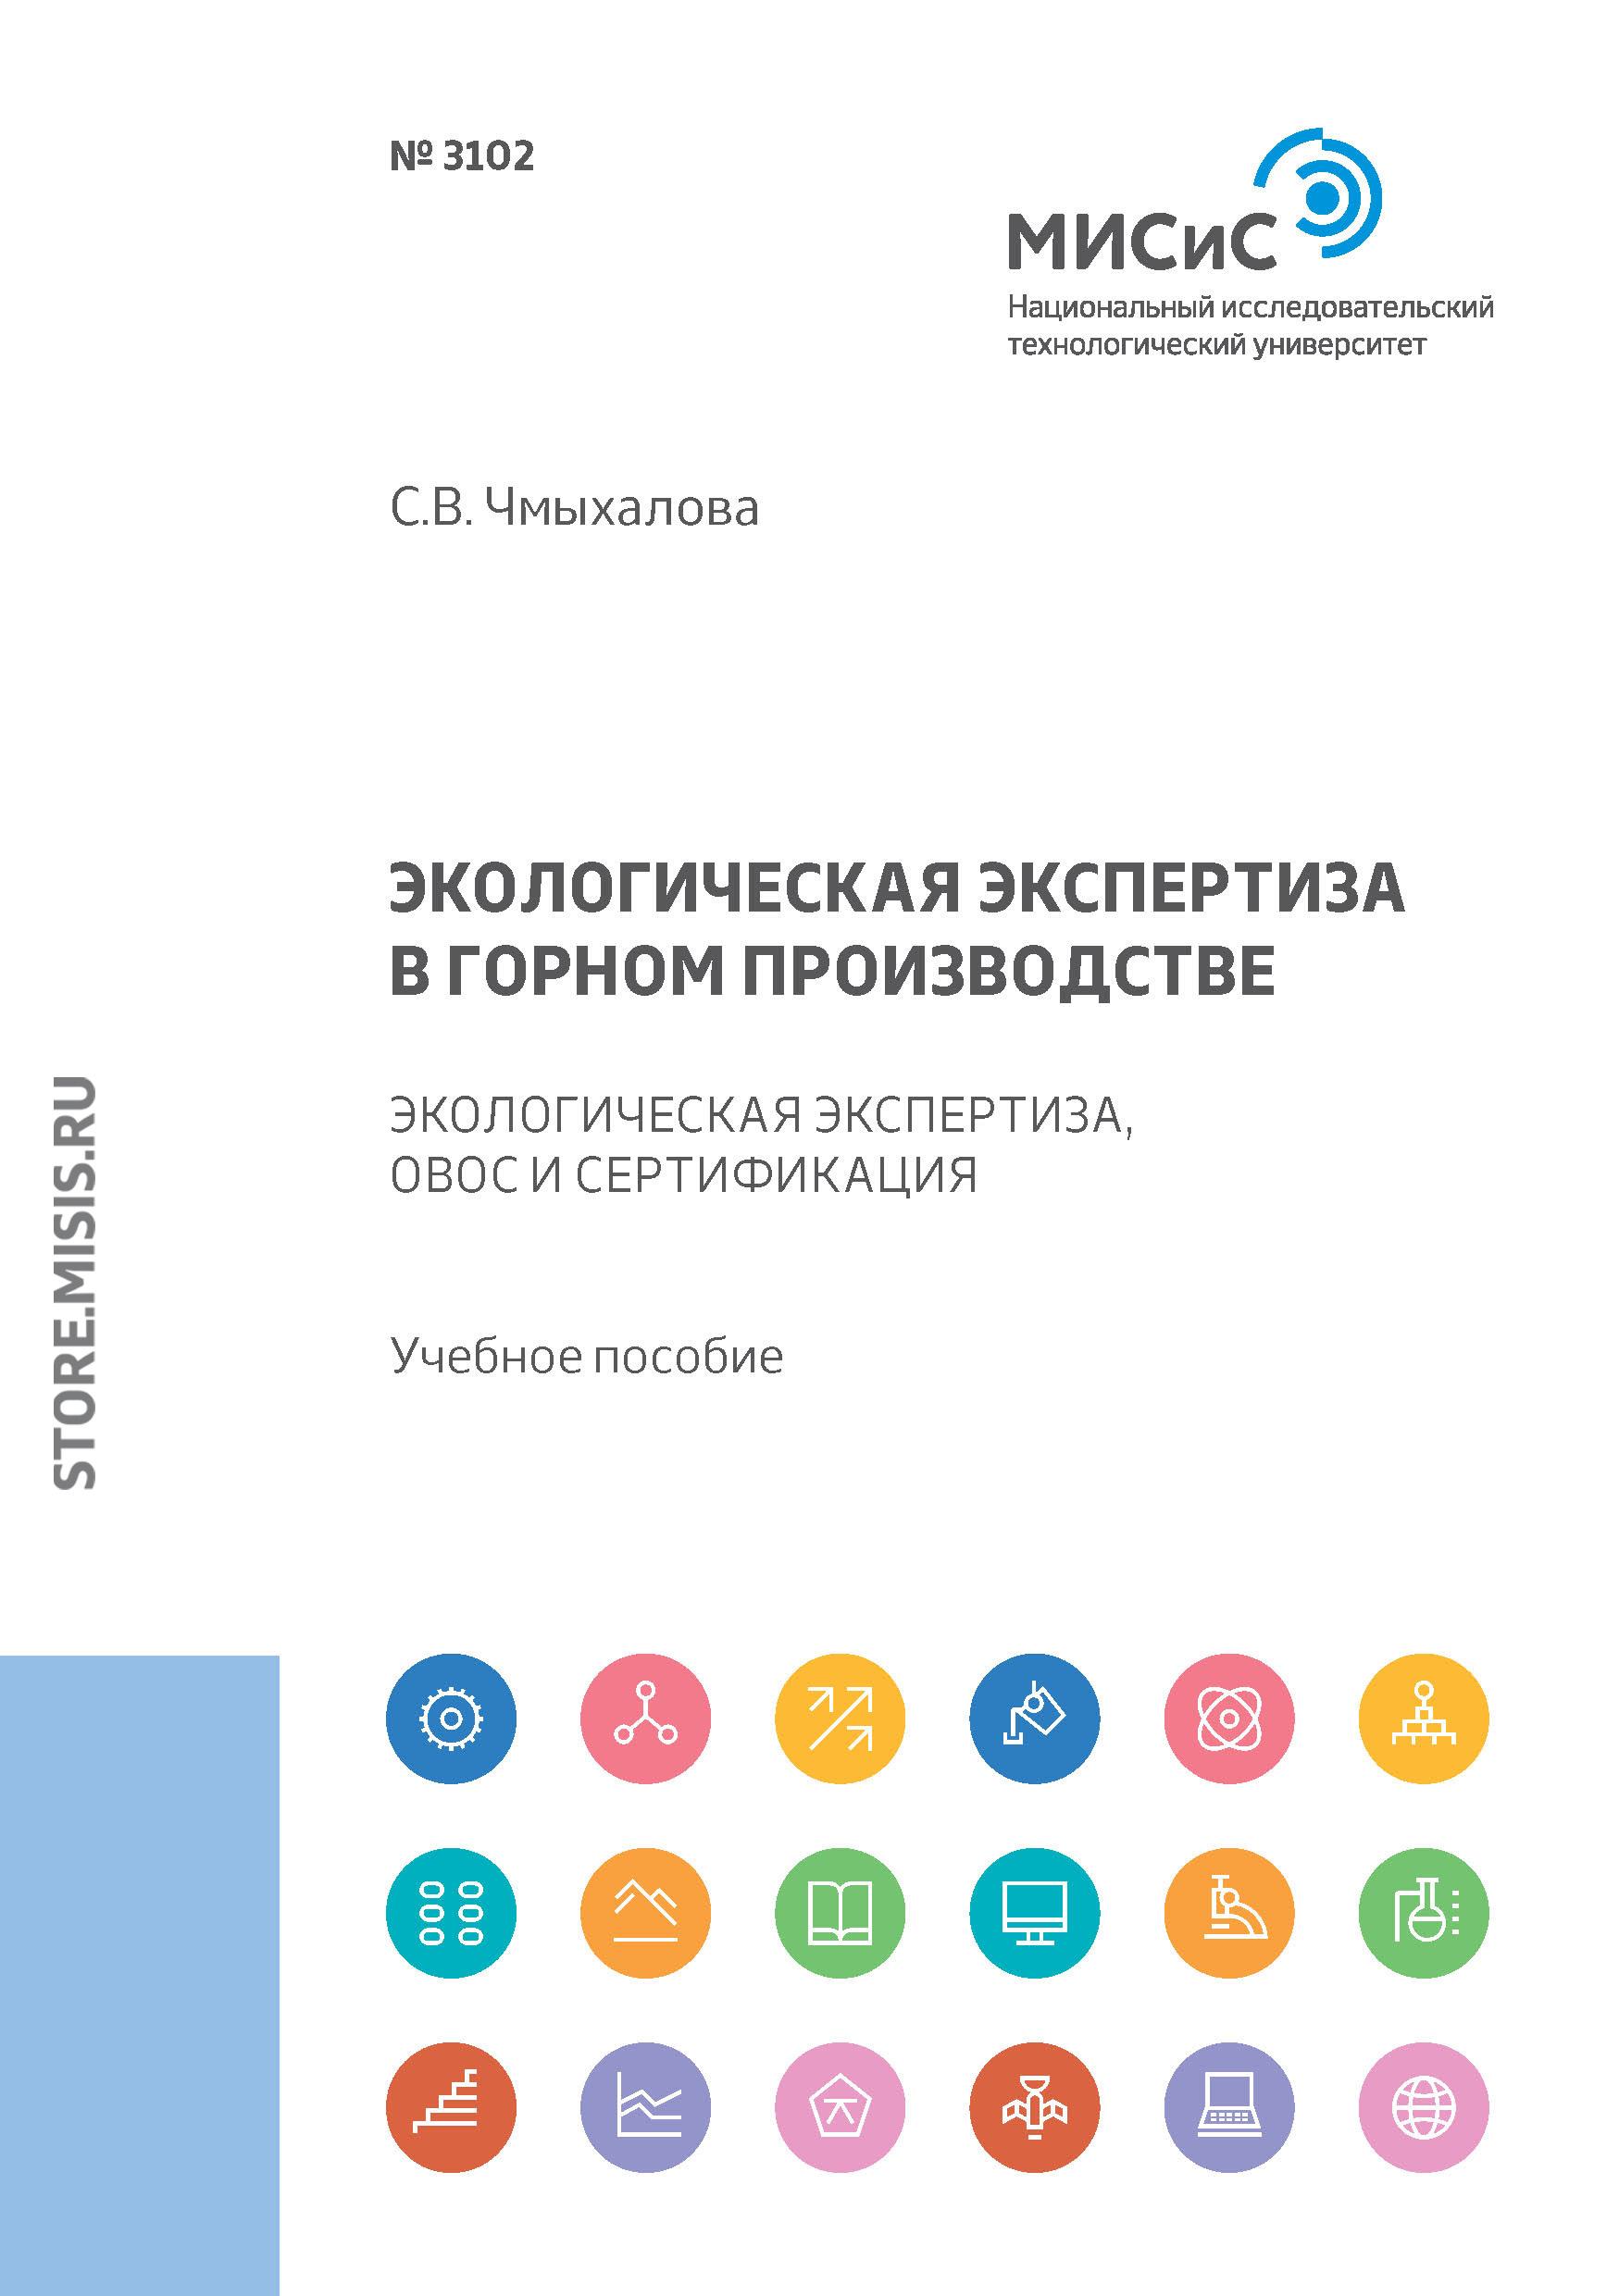 С. В. Чмыхалова Экологическая экспертиза в горном производстве. Экологическая экспертиза, ОВОС и сертификация